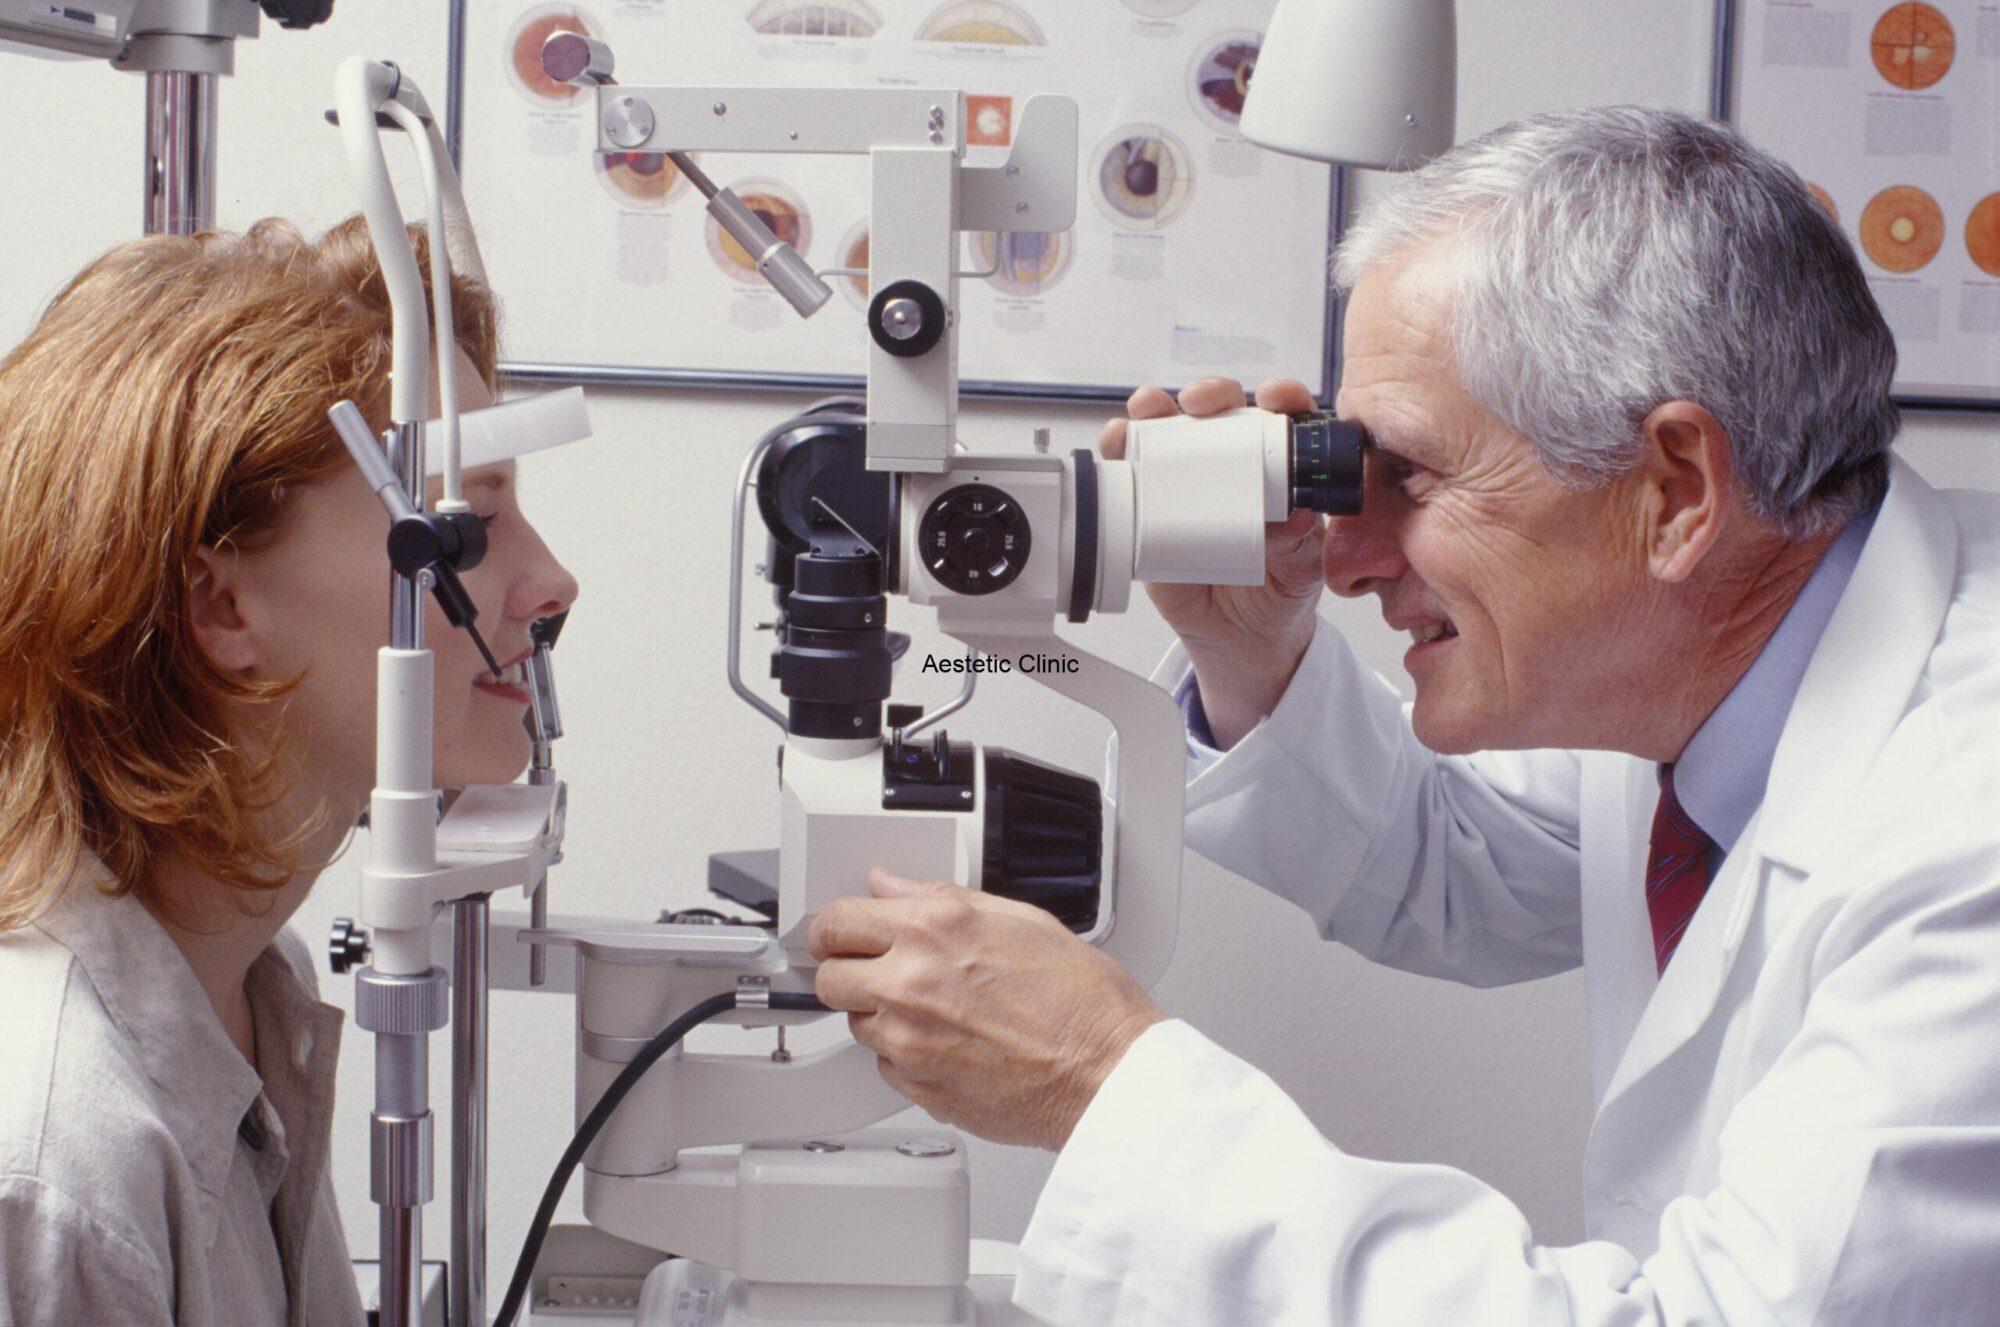 Na czym polega badanie okulistyczne